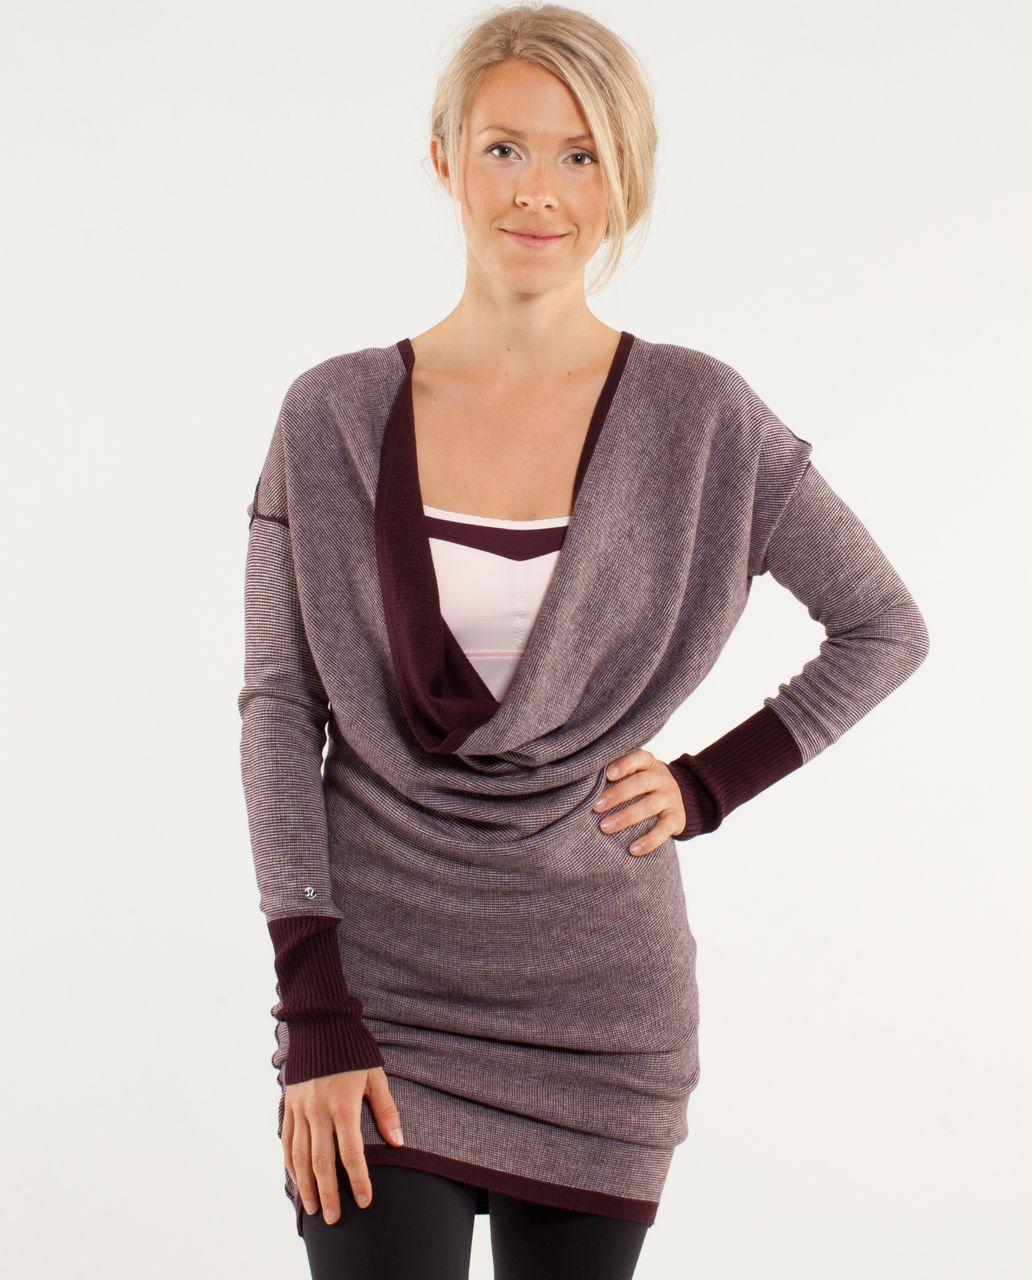 Lululemon Serenity Sweater Wrap - Heathered Bordeaux Drama ...